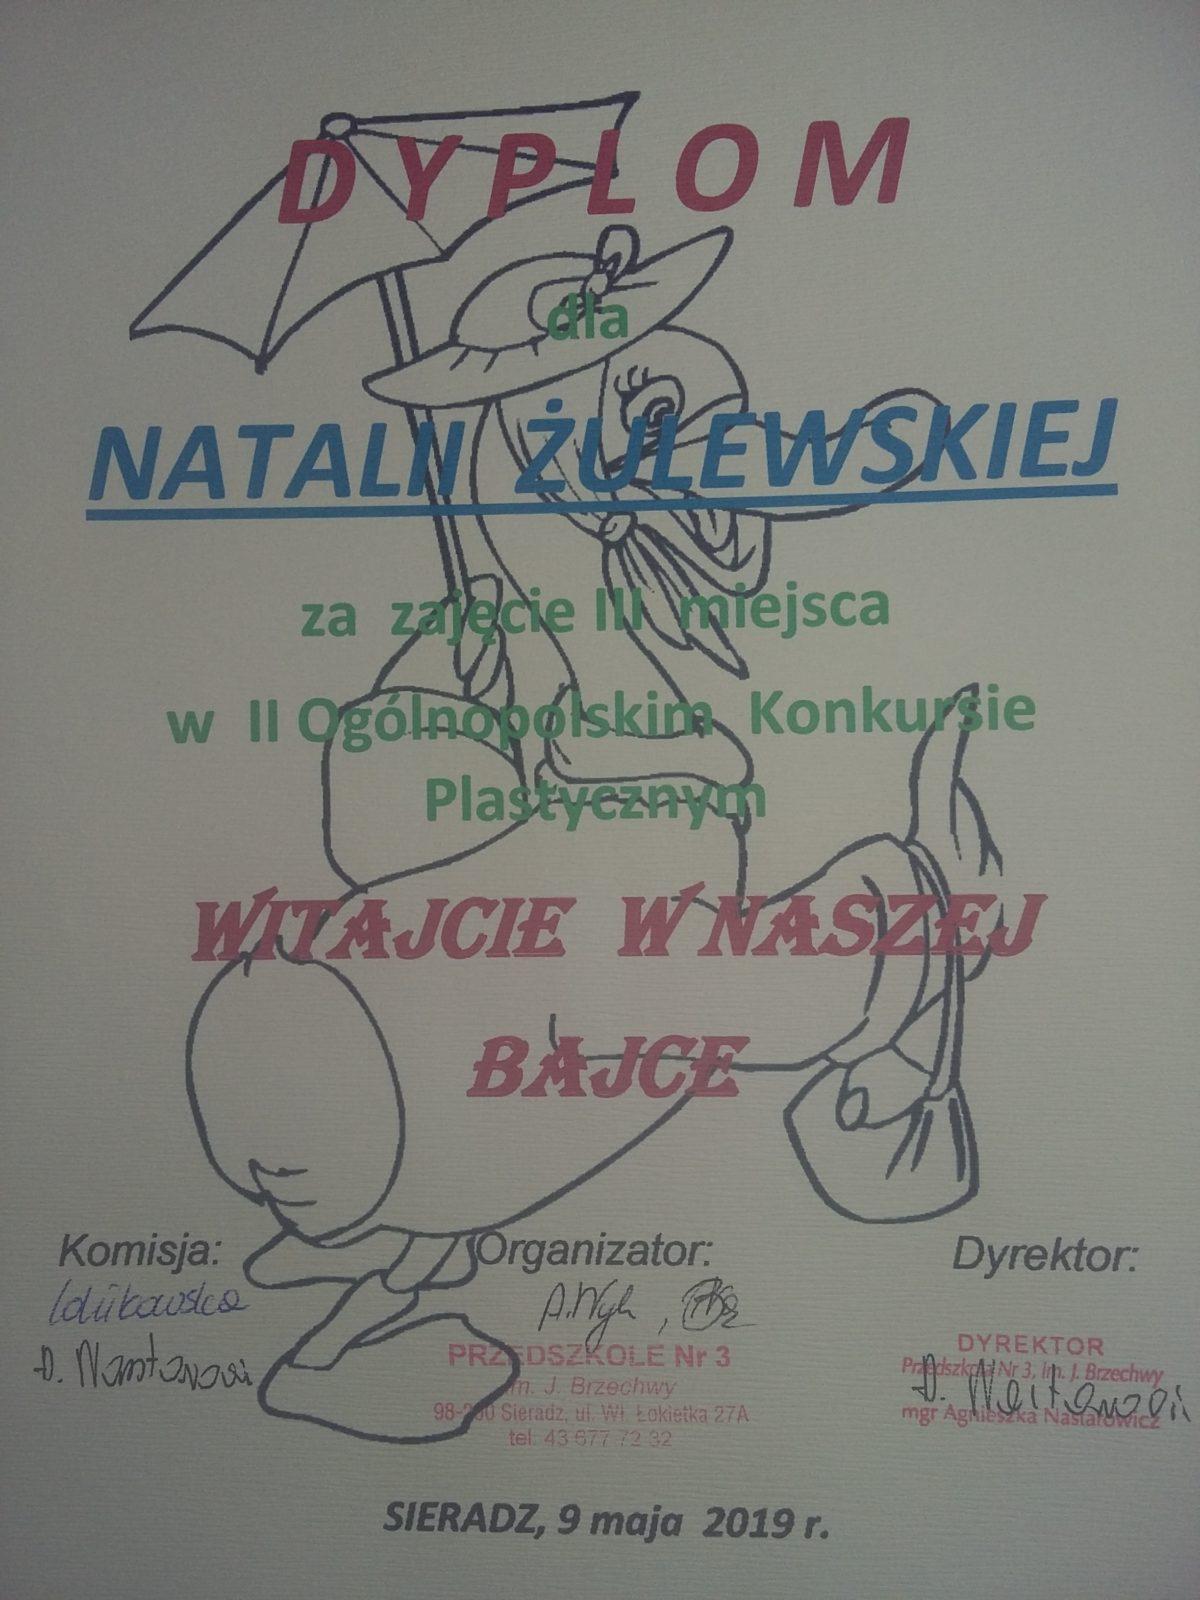 Ogólnopolski Konkurs Plastyczny Witajcie W Naszej Bajce